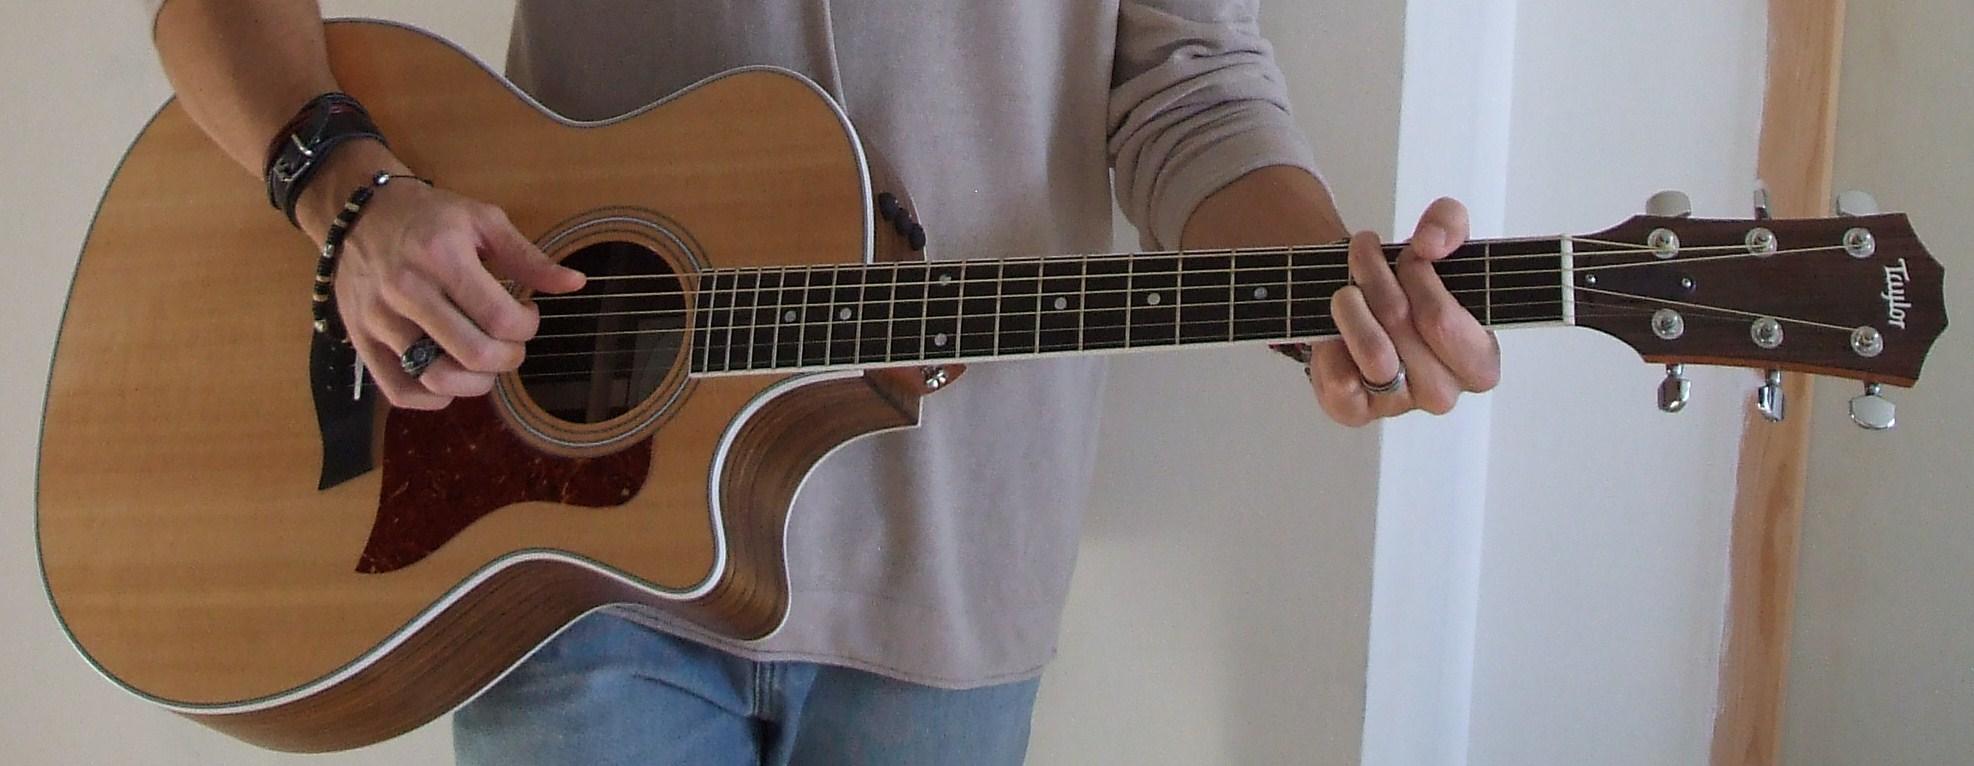 vends guitare lectro acoustique taylor 414 ce petite. Black Bedroom Furniture Sets. Home Design Ideas